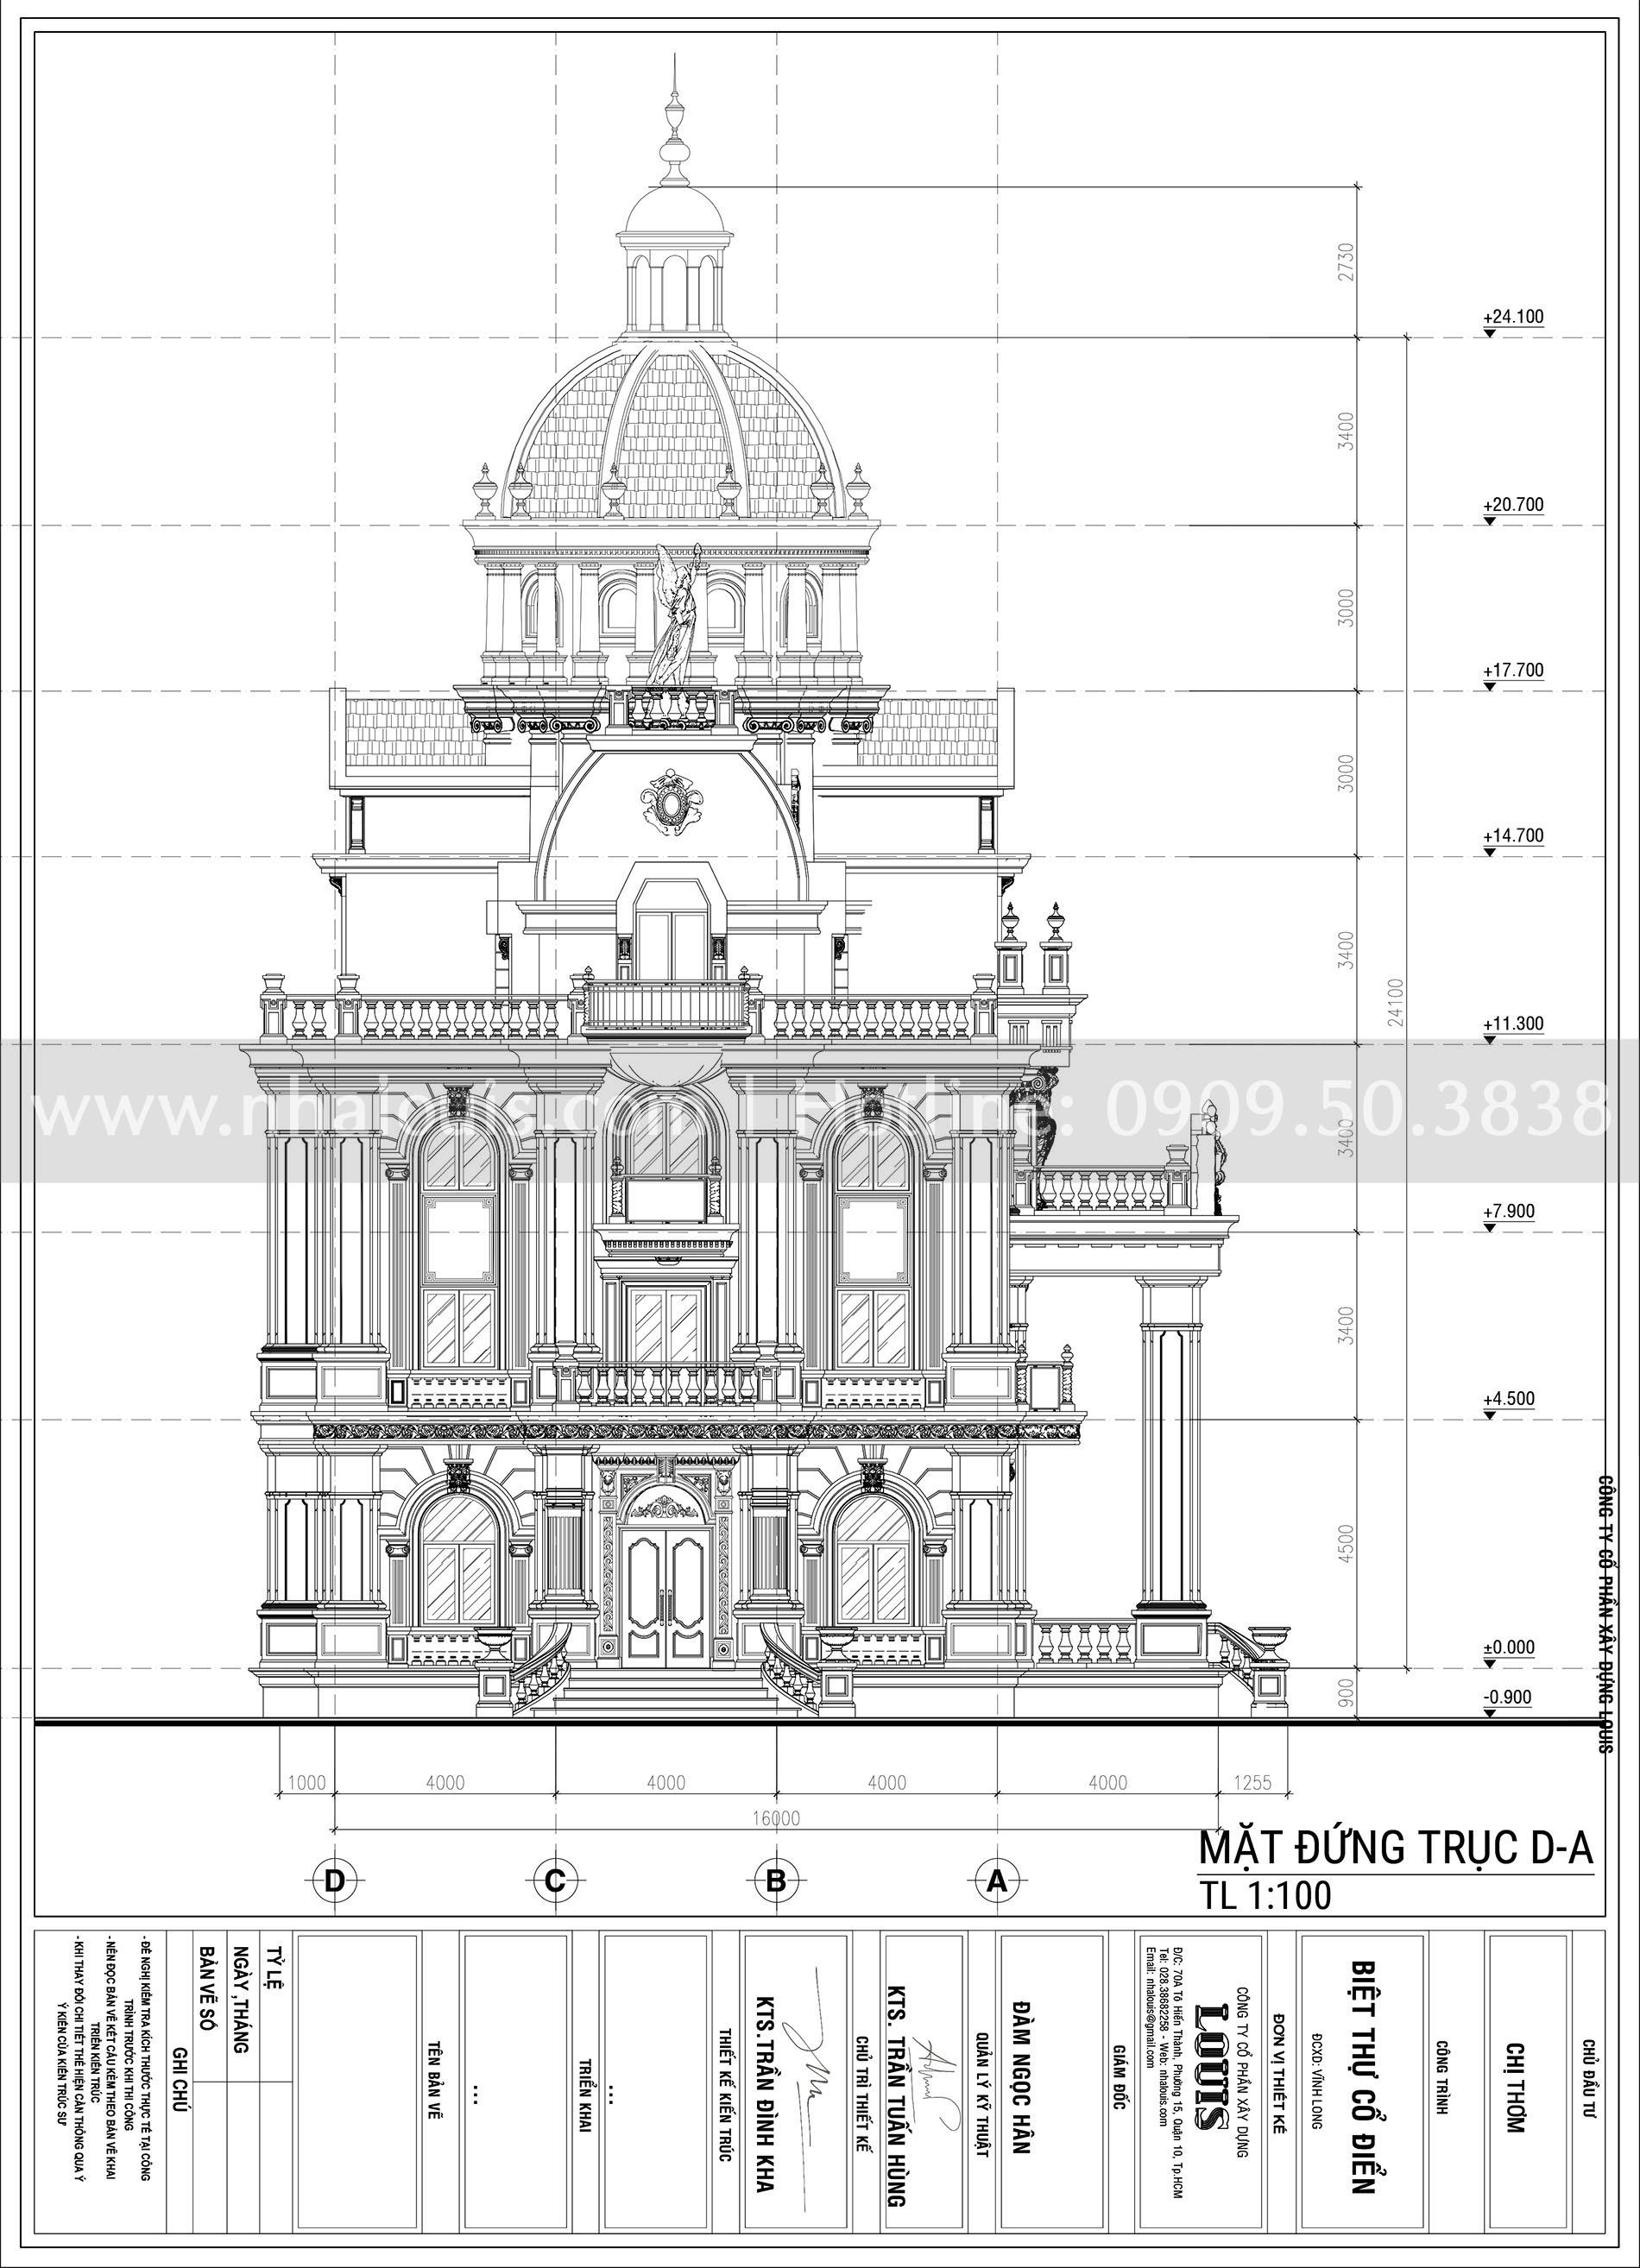 Biệt thự 1 trệt 3 lầu cổ điển cực hoành tráng tại Vĩnh Long